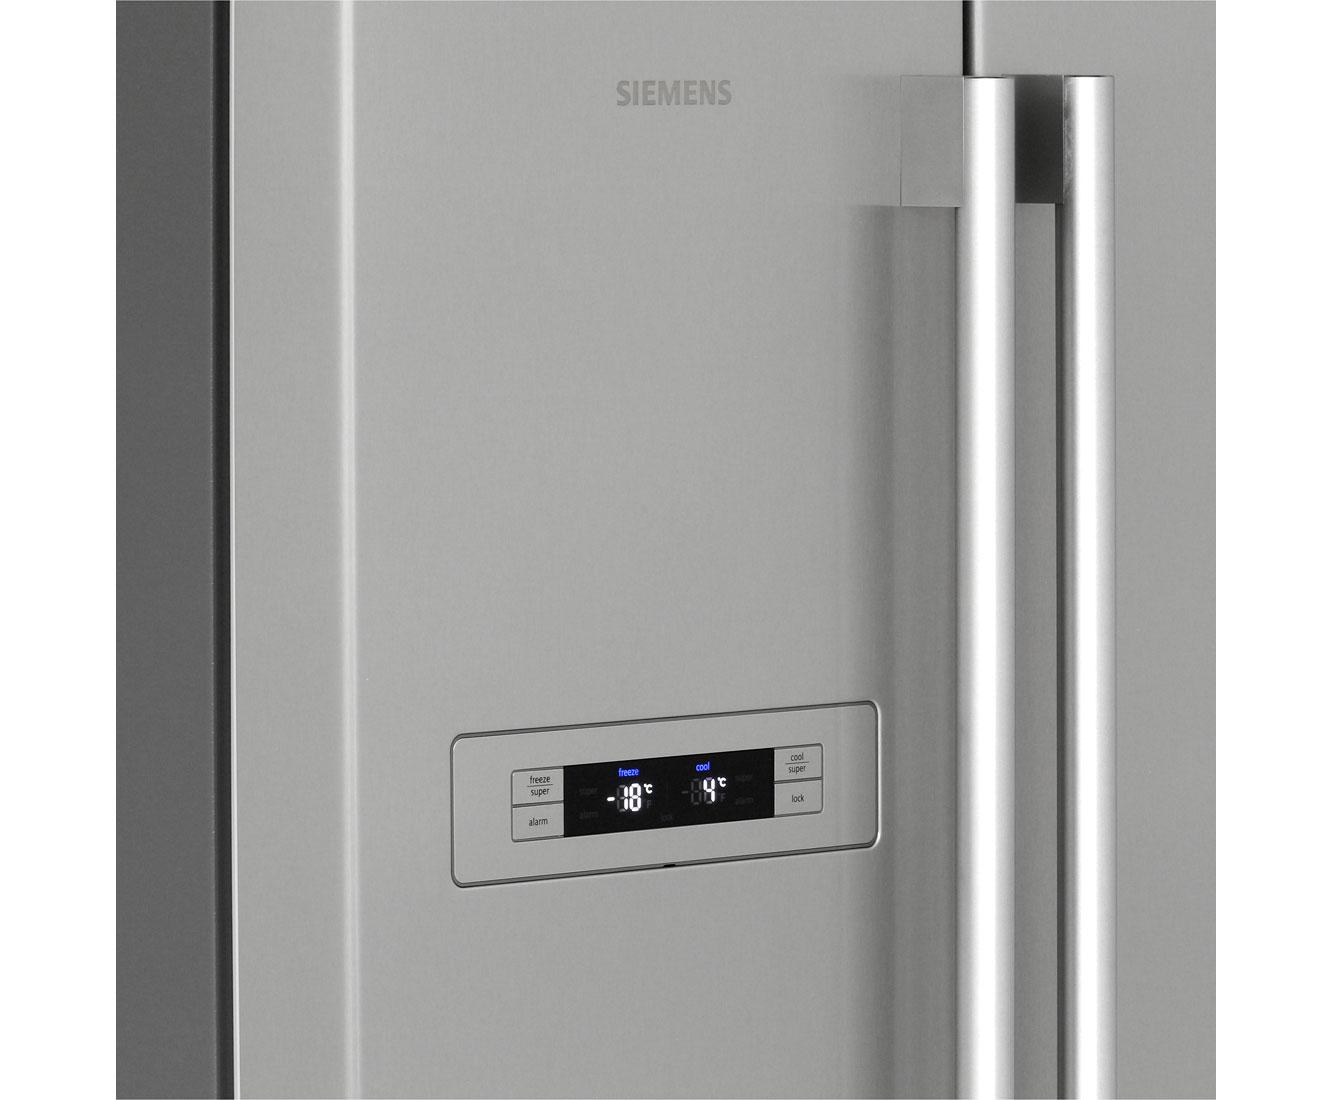 Siemens Kühlschrank Nach Abtauen Alarm : Siemens iq ka nvi amerikanischer side by side l